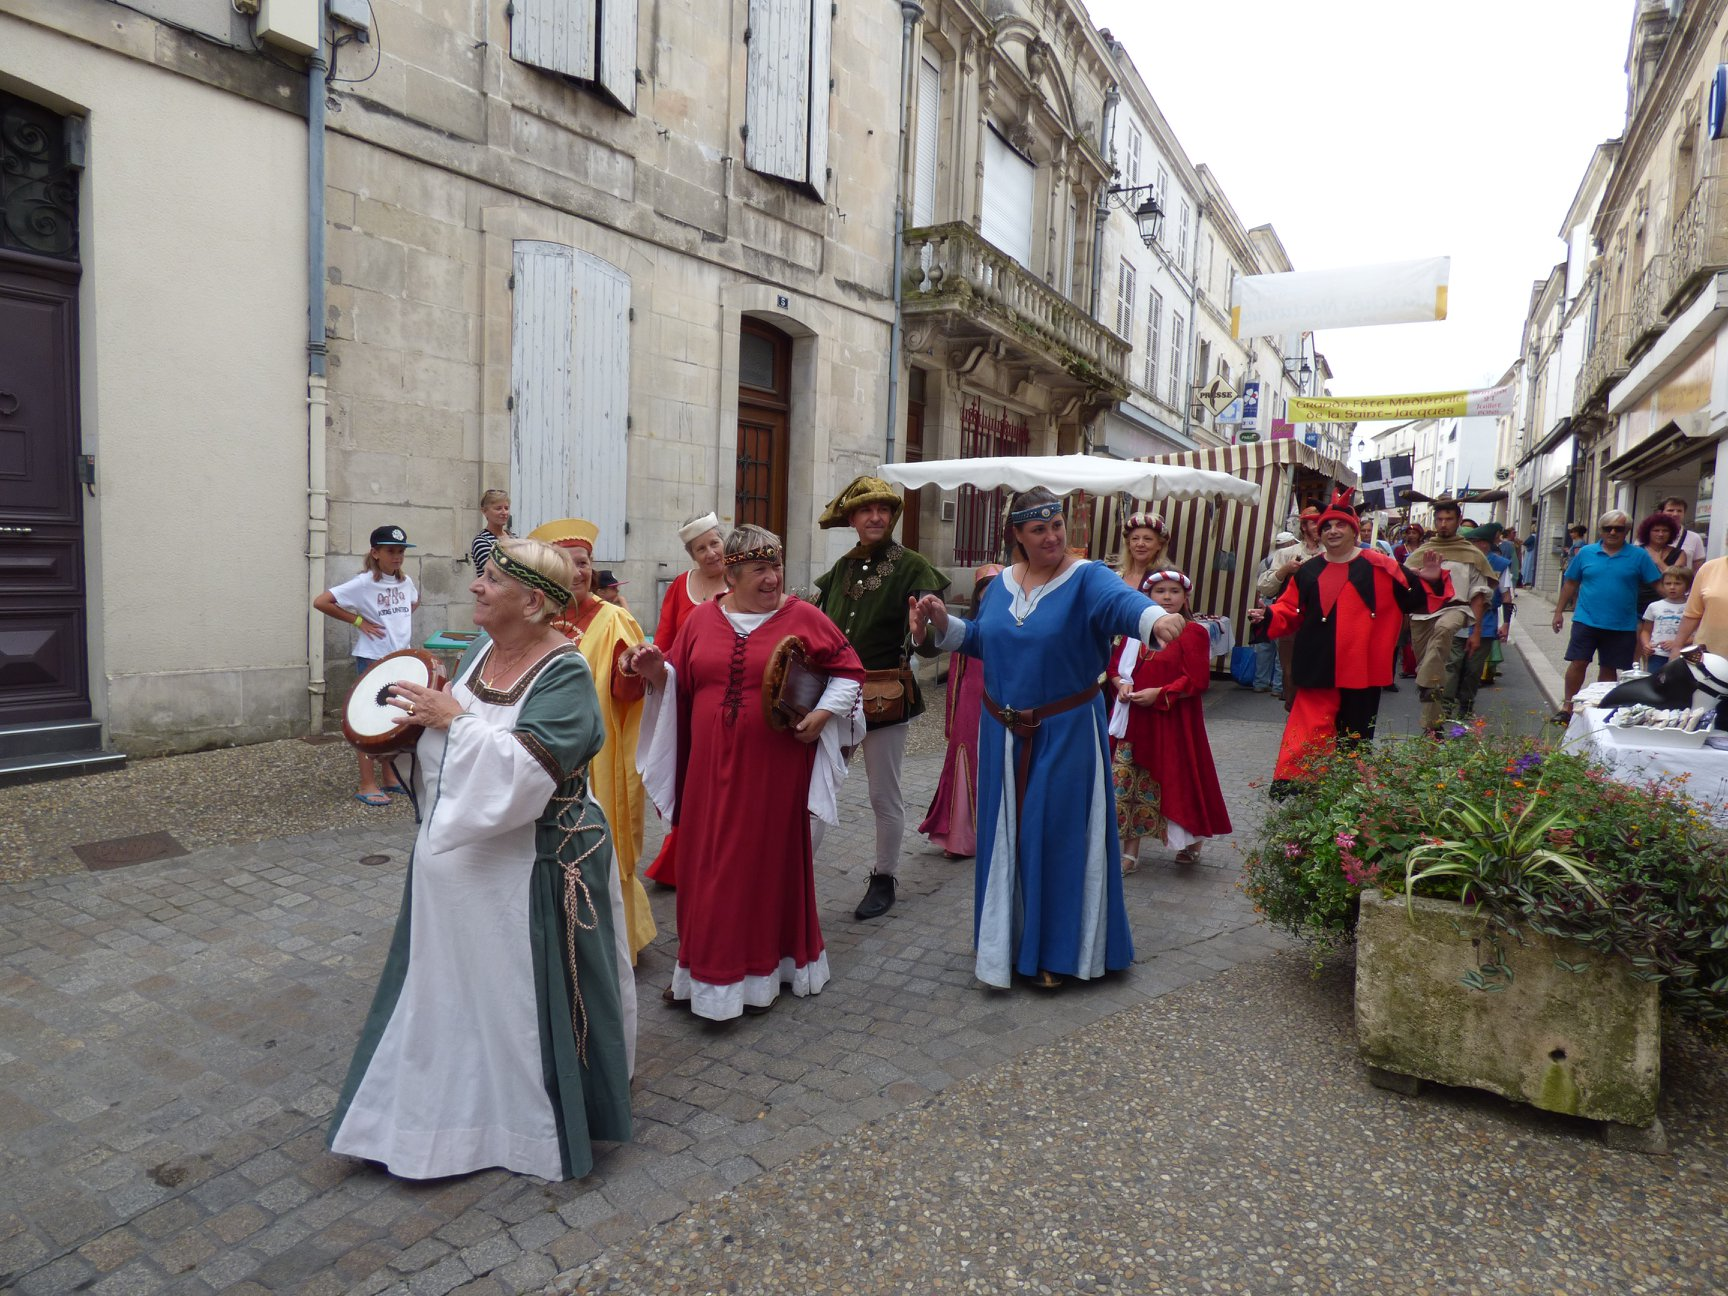 Fête médiévale Pons juillet 2018 - 12